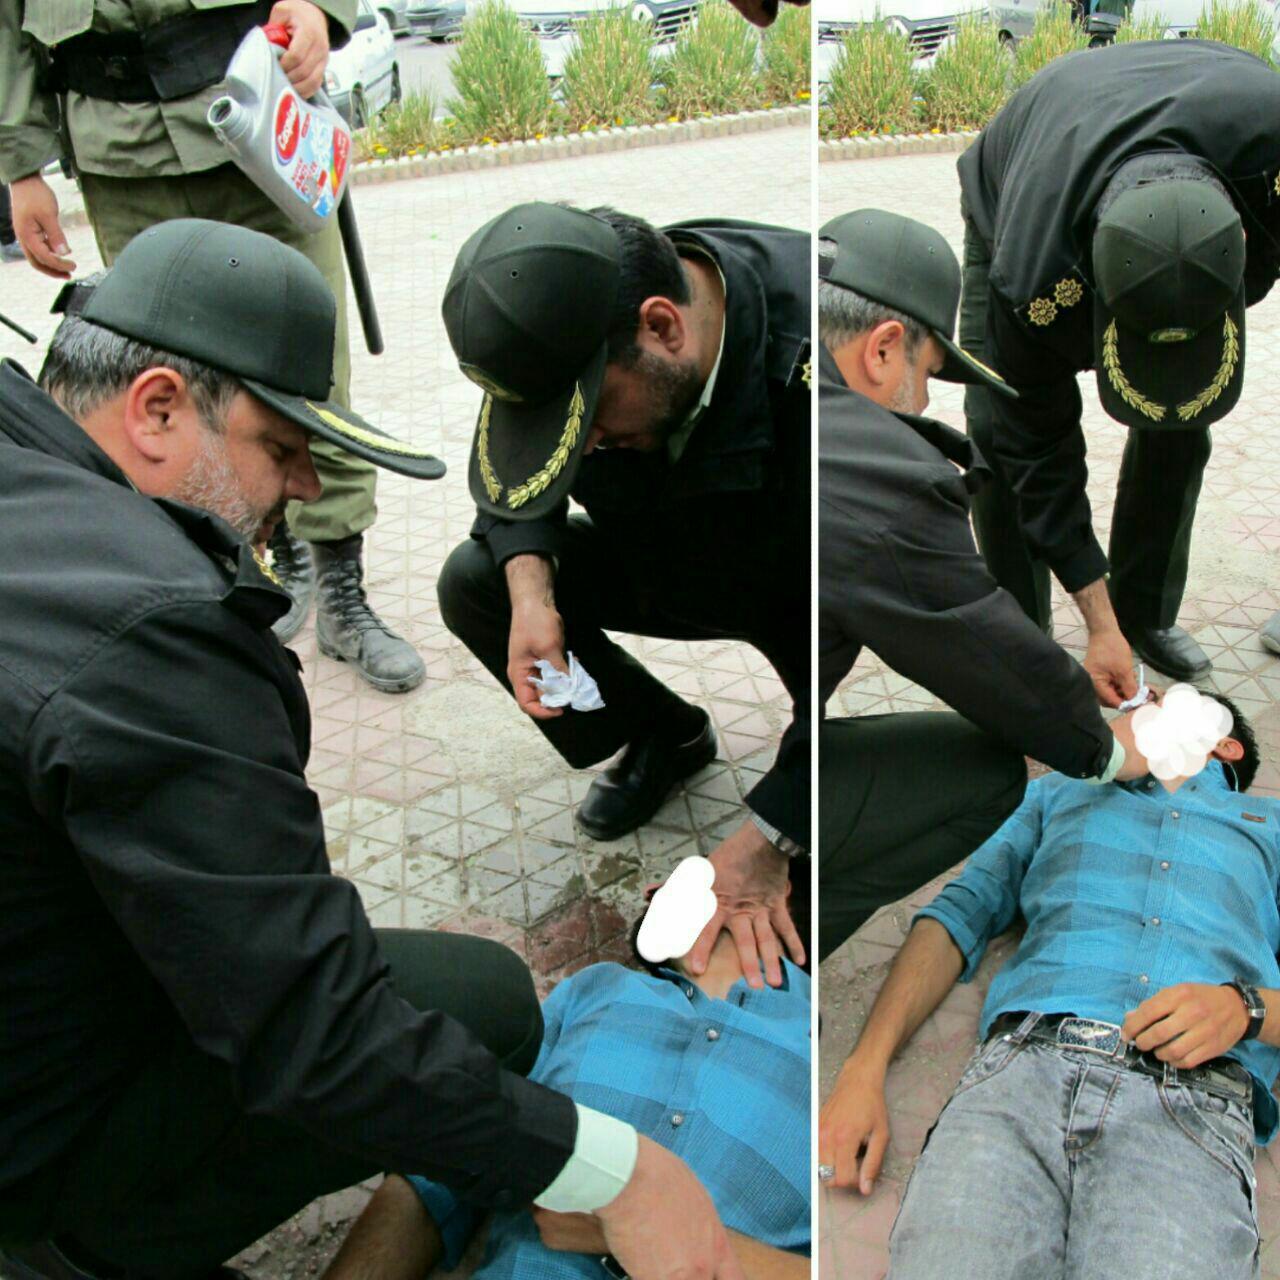 نجات جان مرد جوان توسط پلیس نیشابور